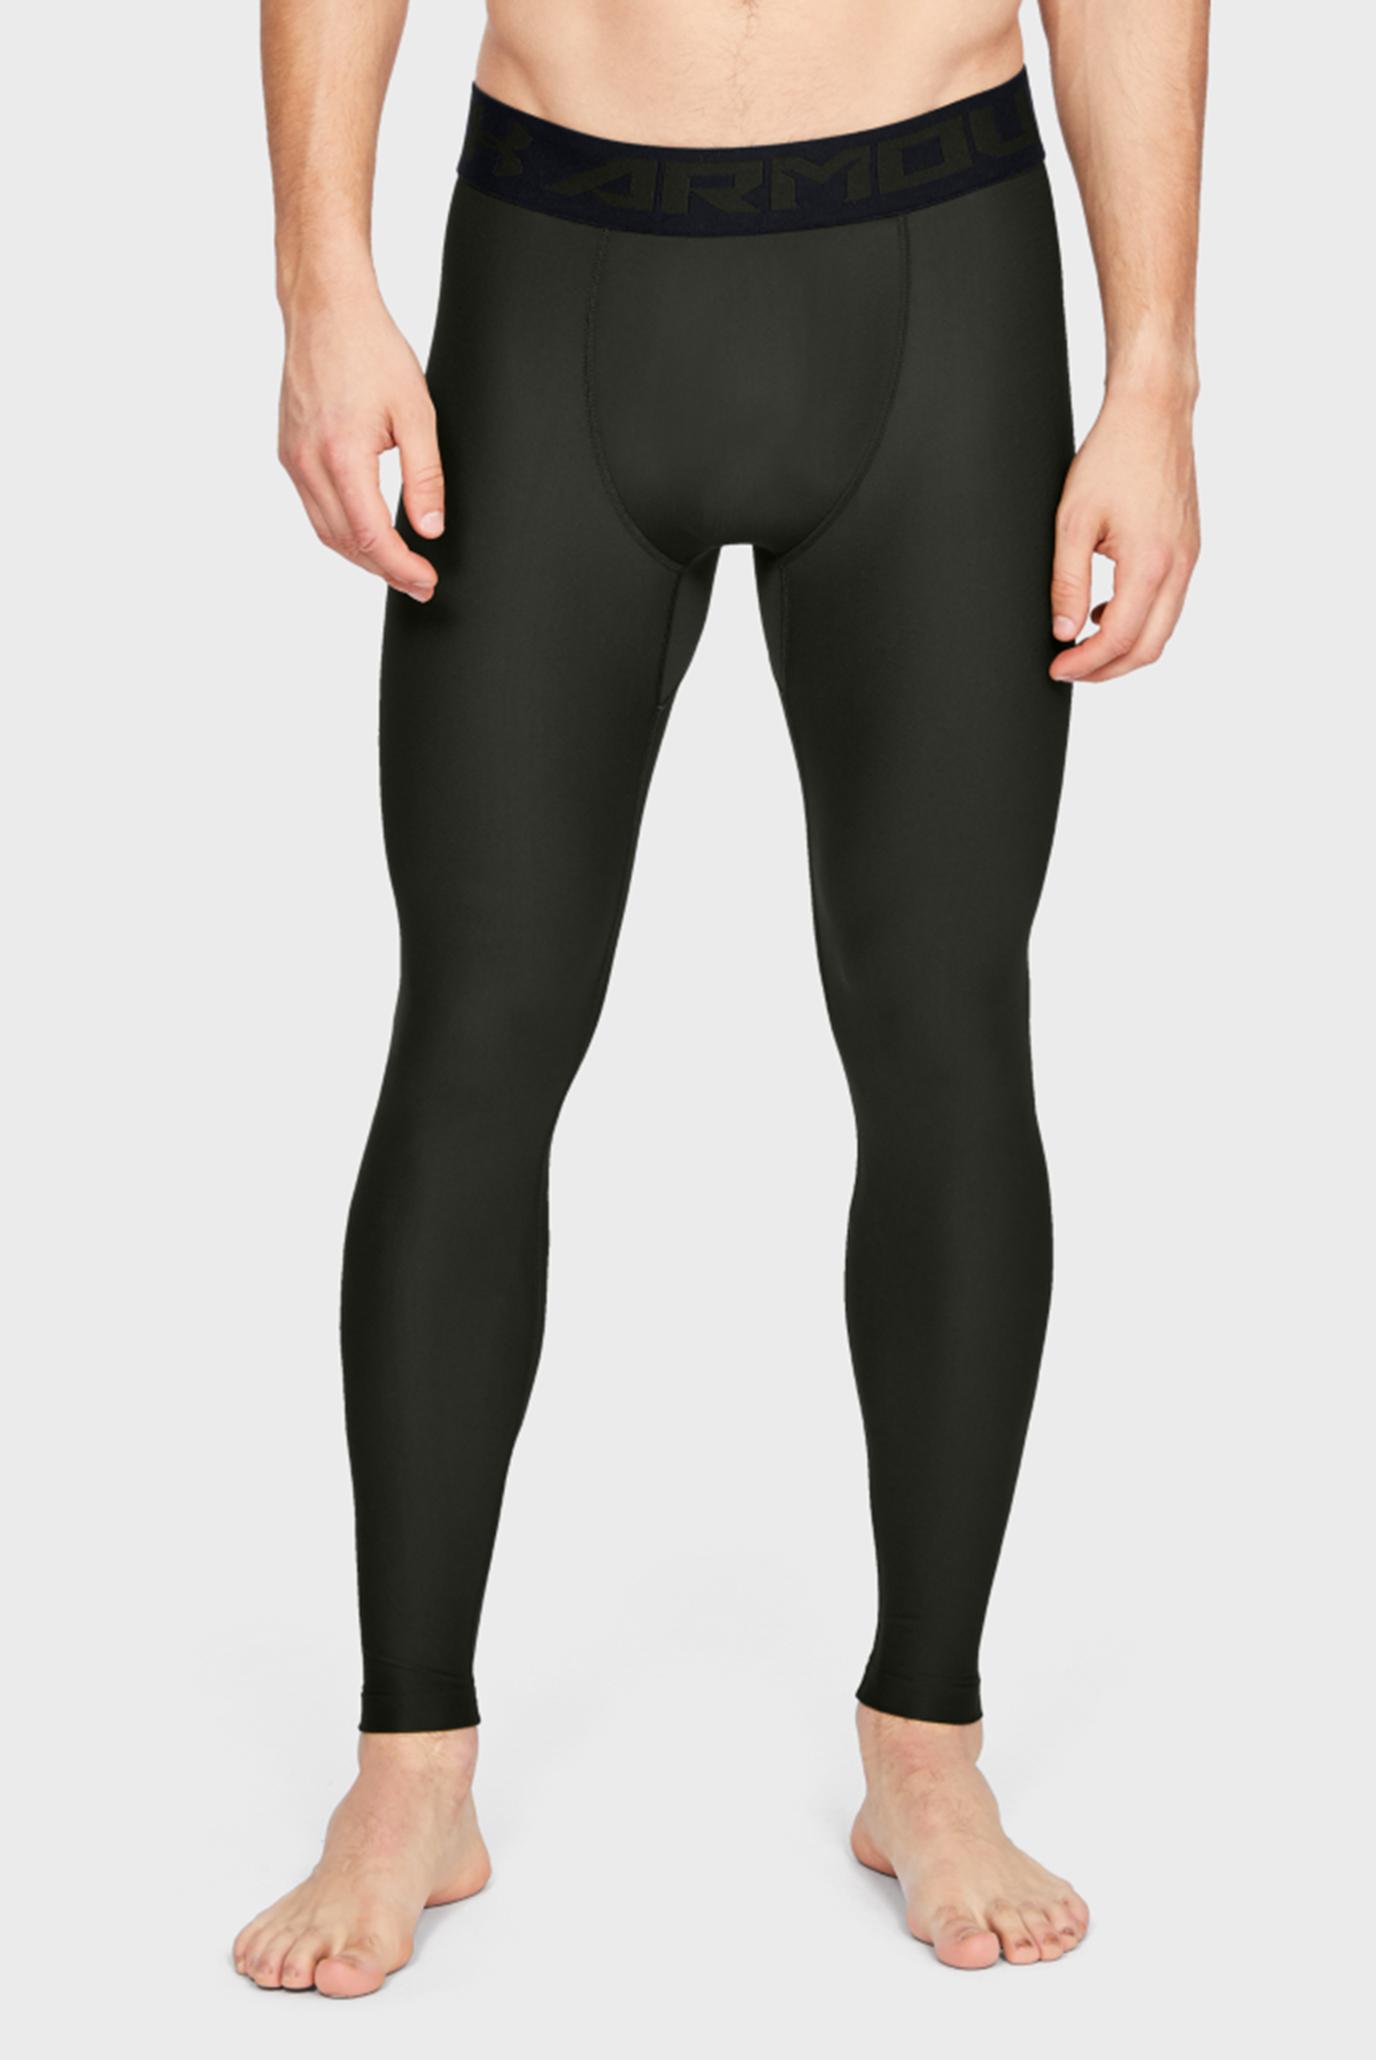 Купить Мужские темно-зеленые тайтсы HG ARMOUR 2.0 LEGGING Under Armour Under Armour 1289577-358 – Киев, Украина. Цены в интернет магазине MD Fashion